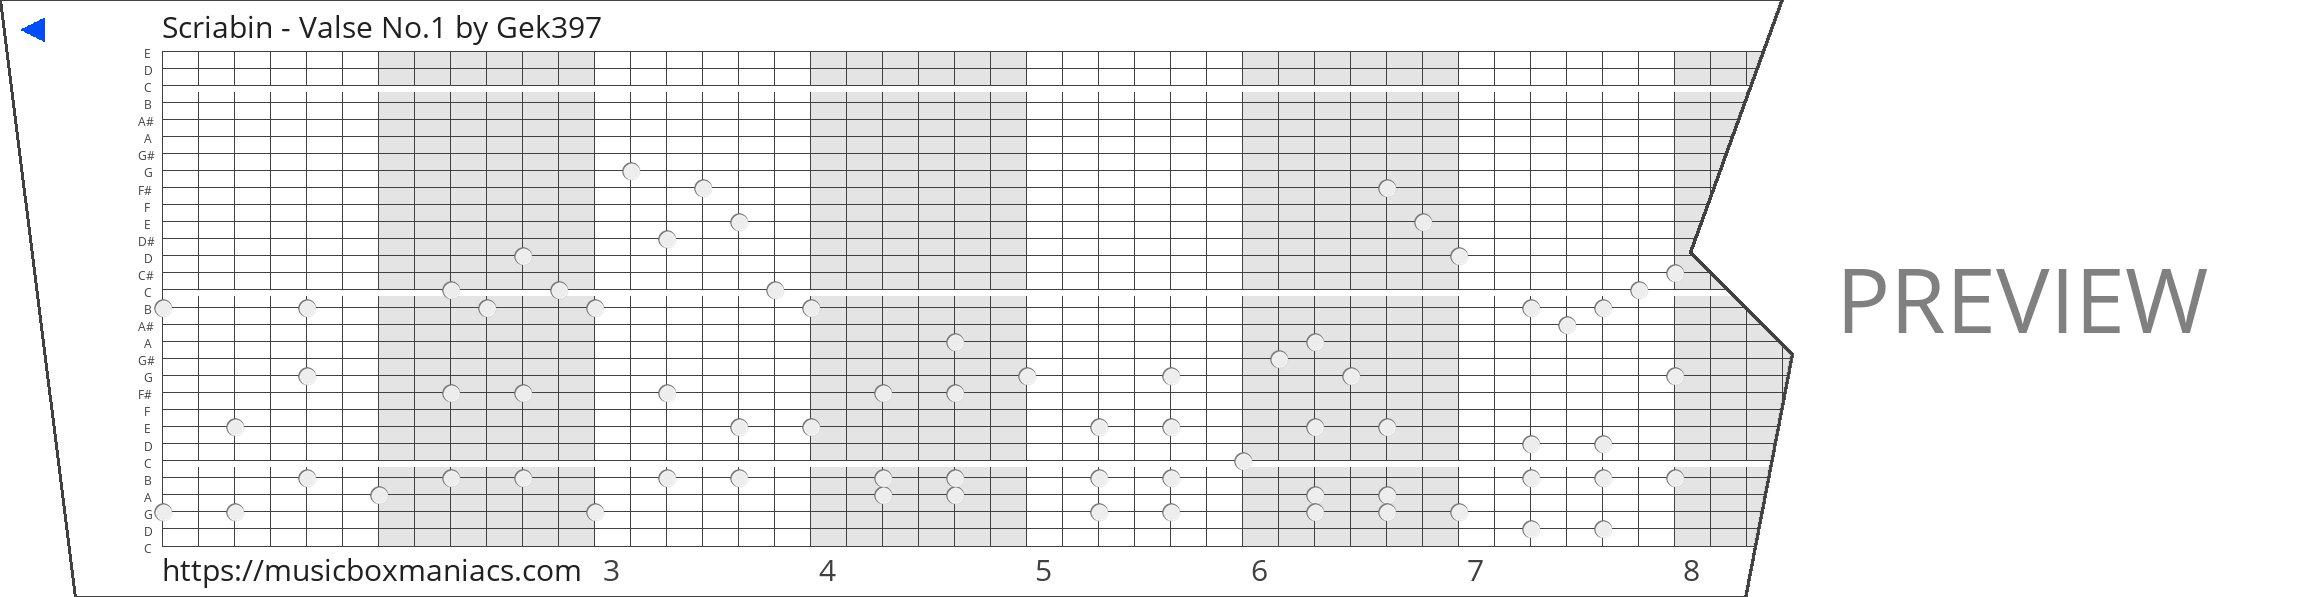 Scriabin - Valse No.1 30 note music box paper strip